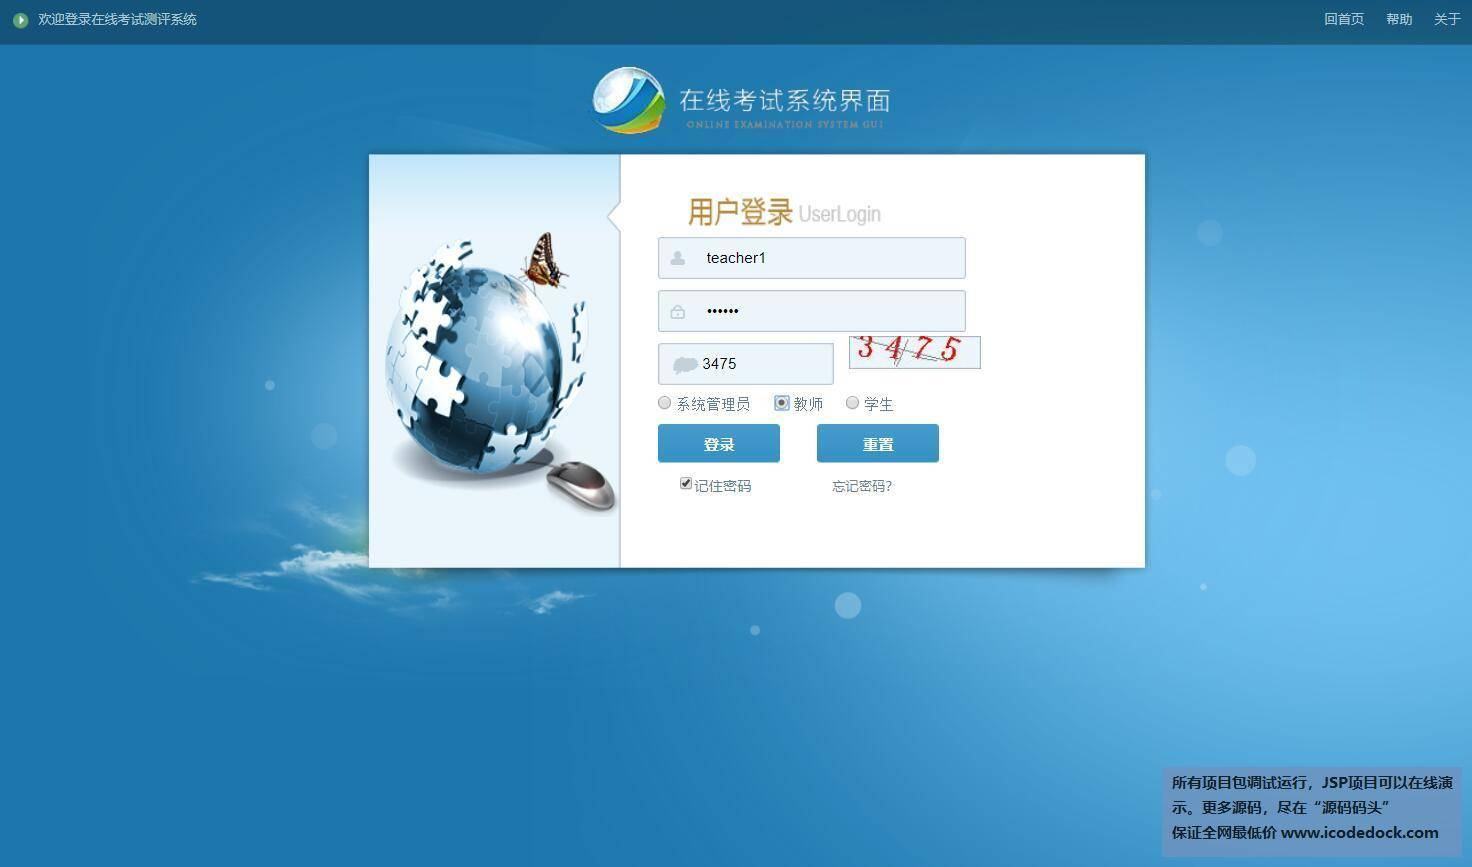 源码码头-SSH在线考试网站管理系统-教师角色-教师登录